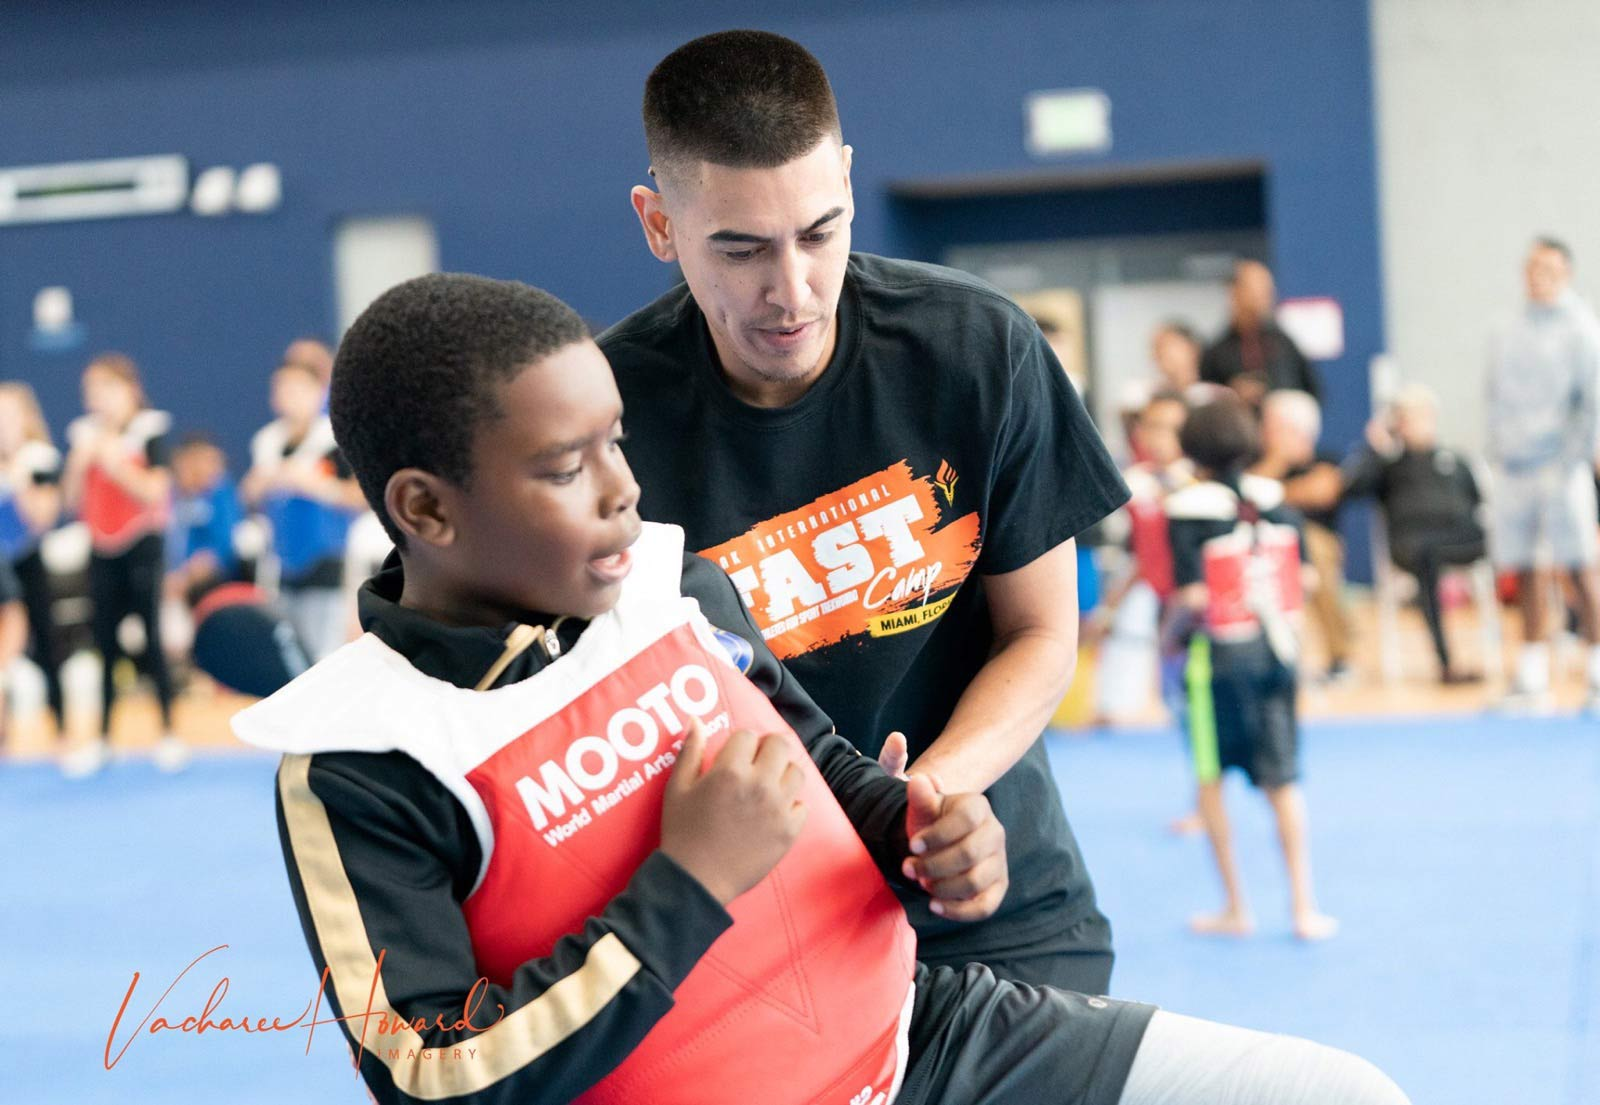 traditional-martial-arts-guy-kicking